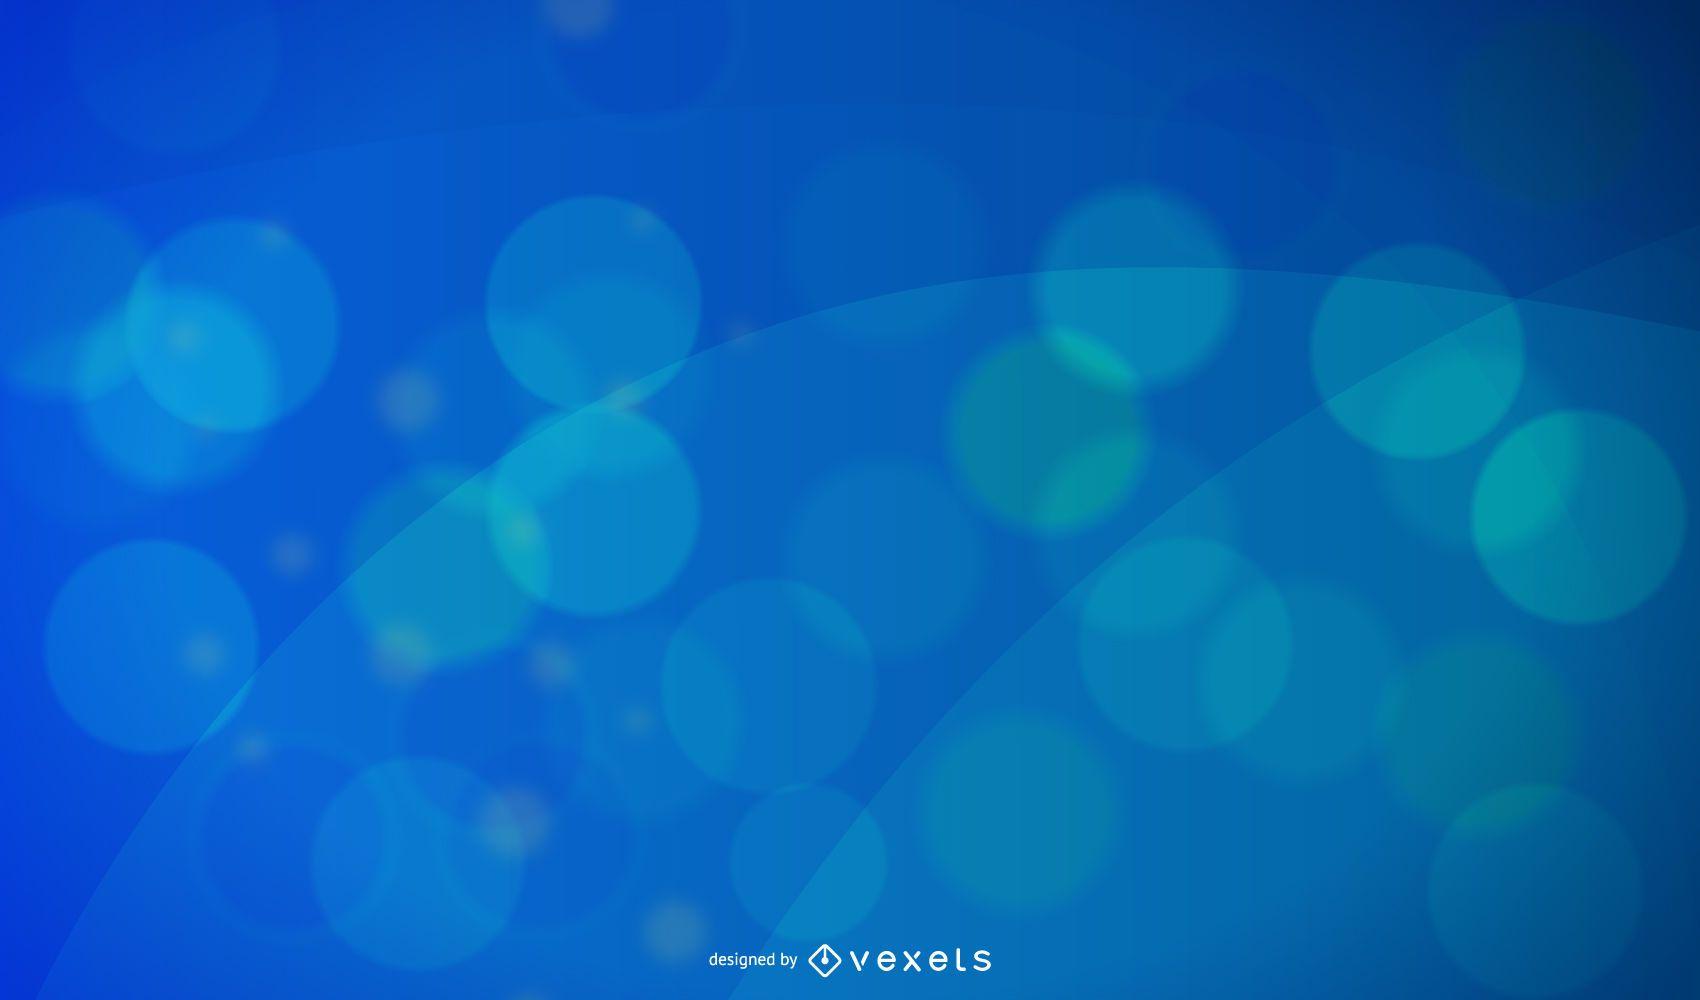 Fondo de pantalla abstracto azul bokeh